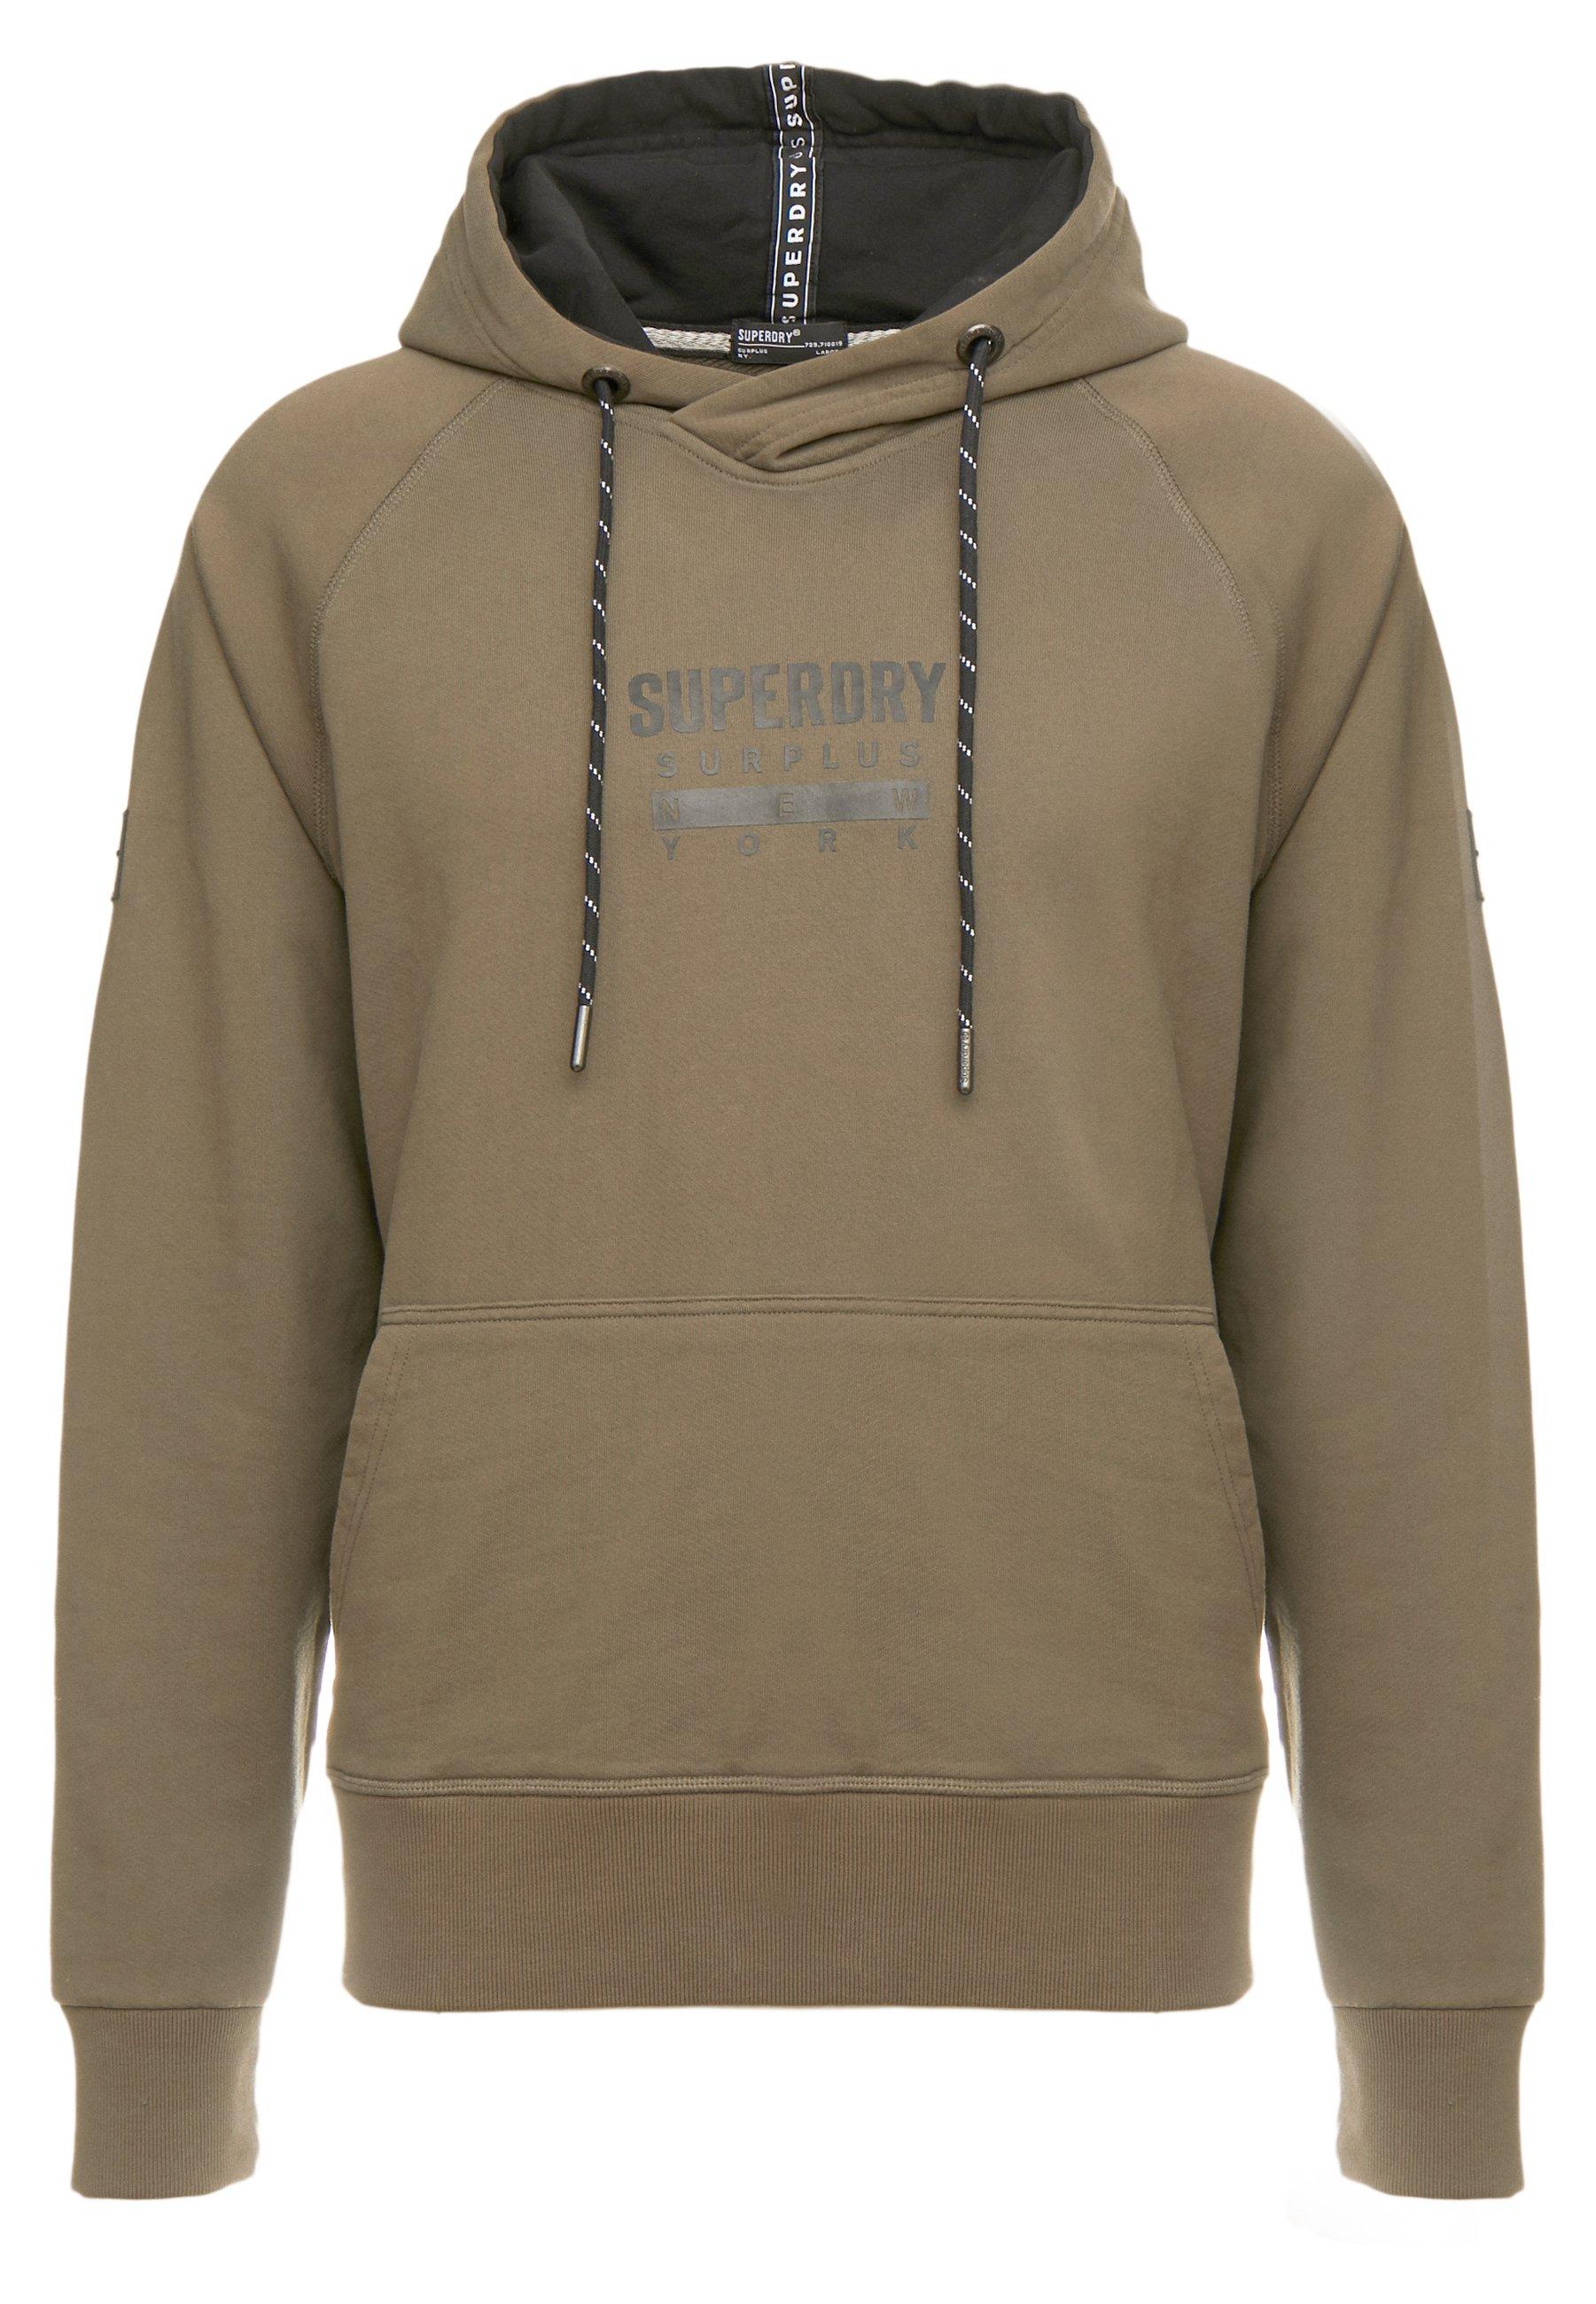 Superdry Surplus Goods New Graphic Hood - Hoodie Deep Olive